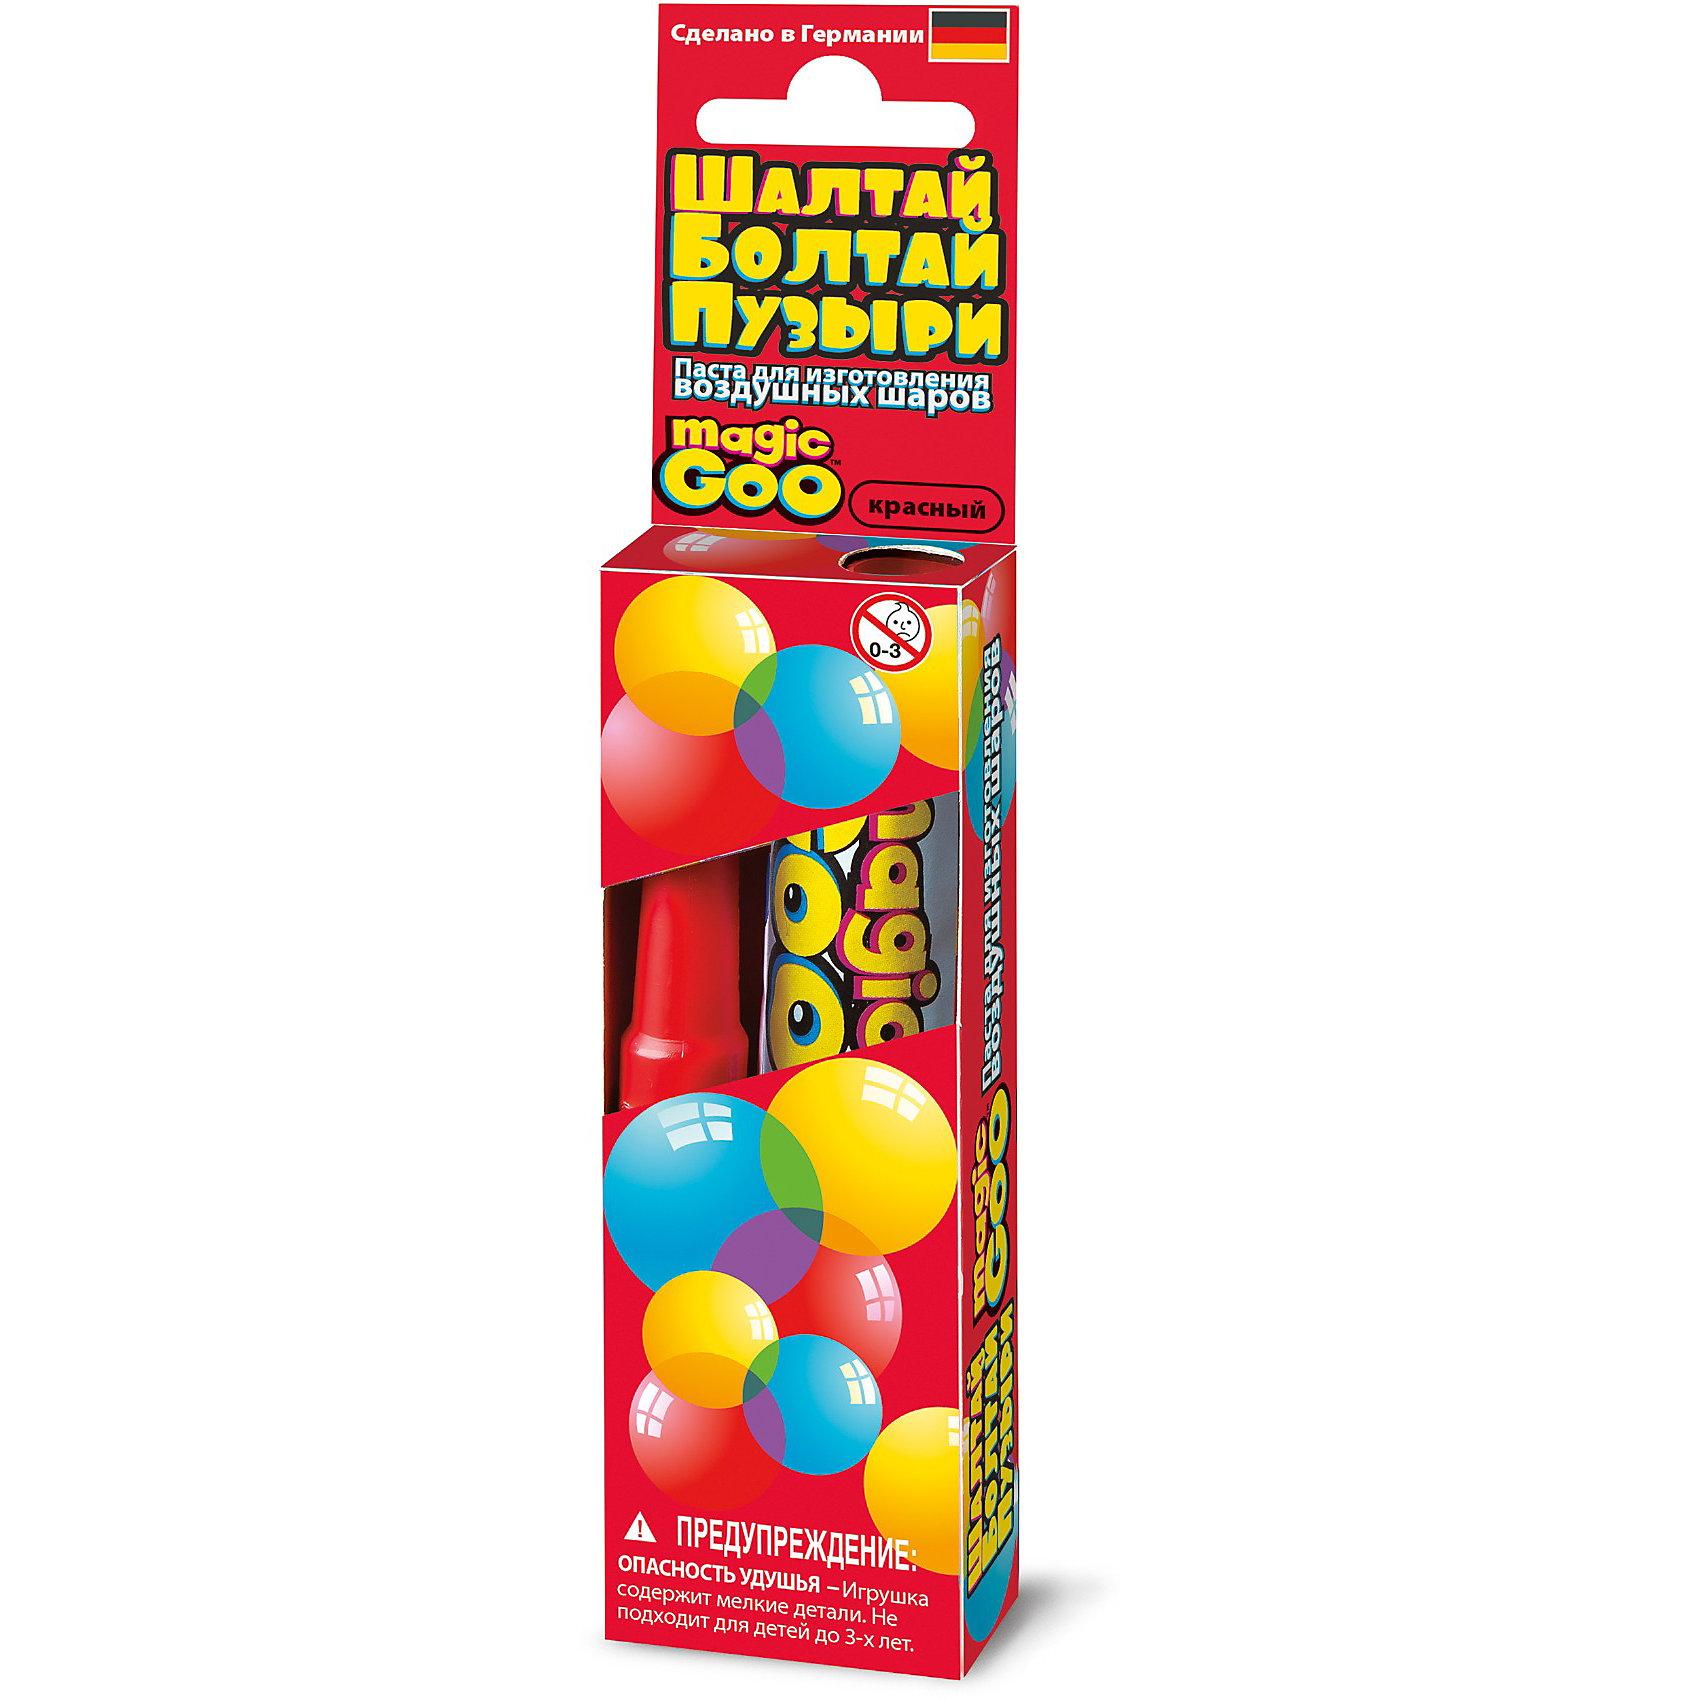 Шалтай-Болтай пузыри красные, 4M 00-06300RНаборы для фокусов<br>Создайте с помощью набора 4M Шалтай-Болтай гигантские, яркие и прочные пузыри, которые не лопнут в руках ребенка и позволят создать различные постройки и фигуры животных! В комплект входит:<br>- Тюбик с пастой для выдувания пузырей, 20 гр.<br>- Трубочка для выдувания пузырей<br>- Инструкция<br><br> <br><br><br>Как создать мыльный пузырь<br><br>    Смочите пальцы и нанесите небольшое количество пасты на кончик трубочки. Размер шара зависит от количества пасты нанесенной на трубочку.<br>    Подуйте в трубочку с другого конца, сначала слабо, потом немного сильнее. Если шарик прорвался, просто сожмите края дырочки вместе. Внутри трубочки есть предохранительный клапан, который не дает воздуху выйти из шара.<br>    После получения необходимого размера шара снимите его с трубочки, плотно прижав края отверстия, через которое идет воздух. Шарик готов!<br><br>Выдутый пузырь диаметром 50 см. впечатлит не только ребенка, но и взрослого! Удивите своих детей такими необычными наборами от компании 4M!<br><br>Ширина мм: 120<br>Глубина мм: 40<br>Высота мм: 20<br>Вес г: 50<br>Возраст от месяцев: 60<br>Возраст до месяцев: 96<br>Пол: Унисекс<br>Возраст: Детский<br>SKU: 3790344